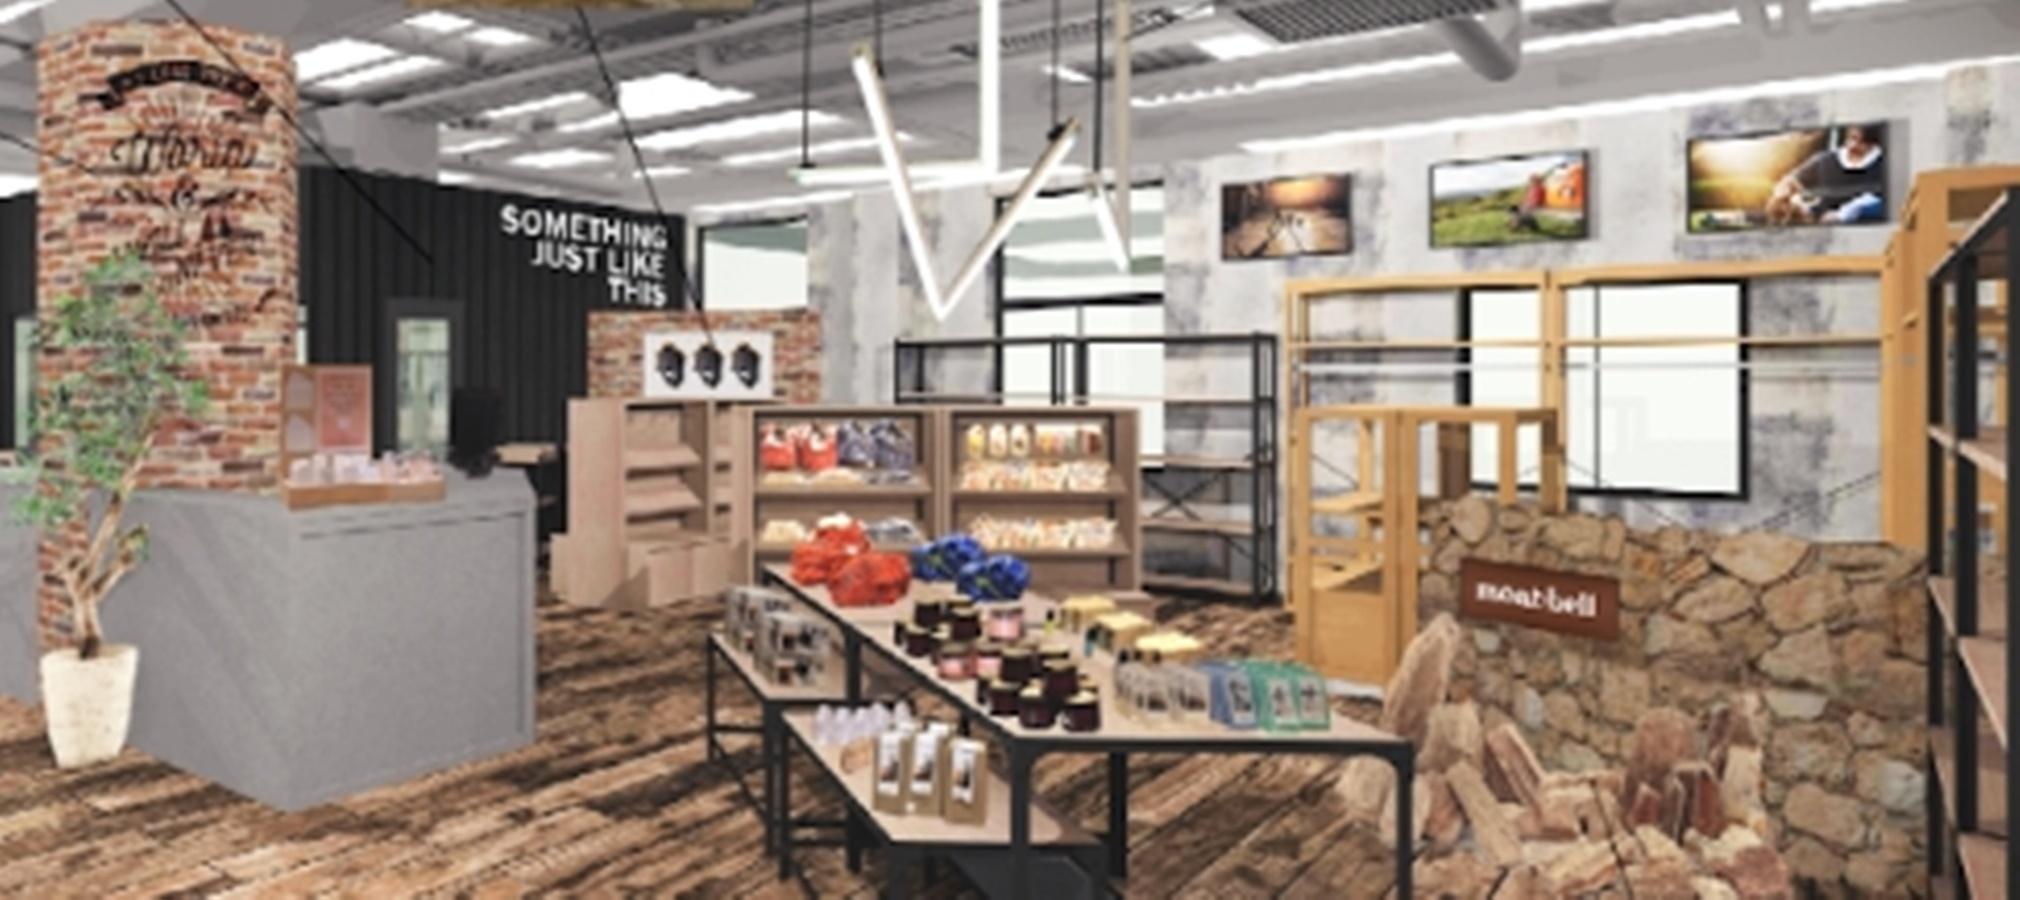 イオンペットがアウトレットモールに初出店!「イオンペット那須ガーデンアウトレット店」が7月20日オープン